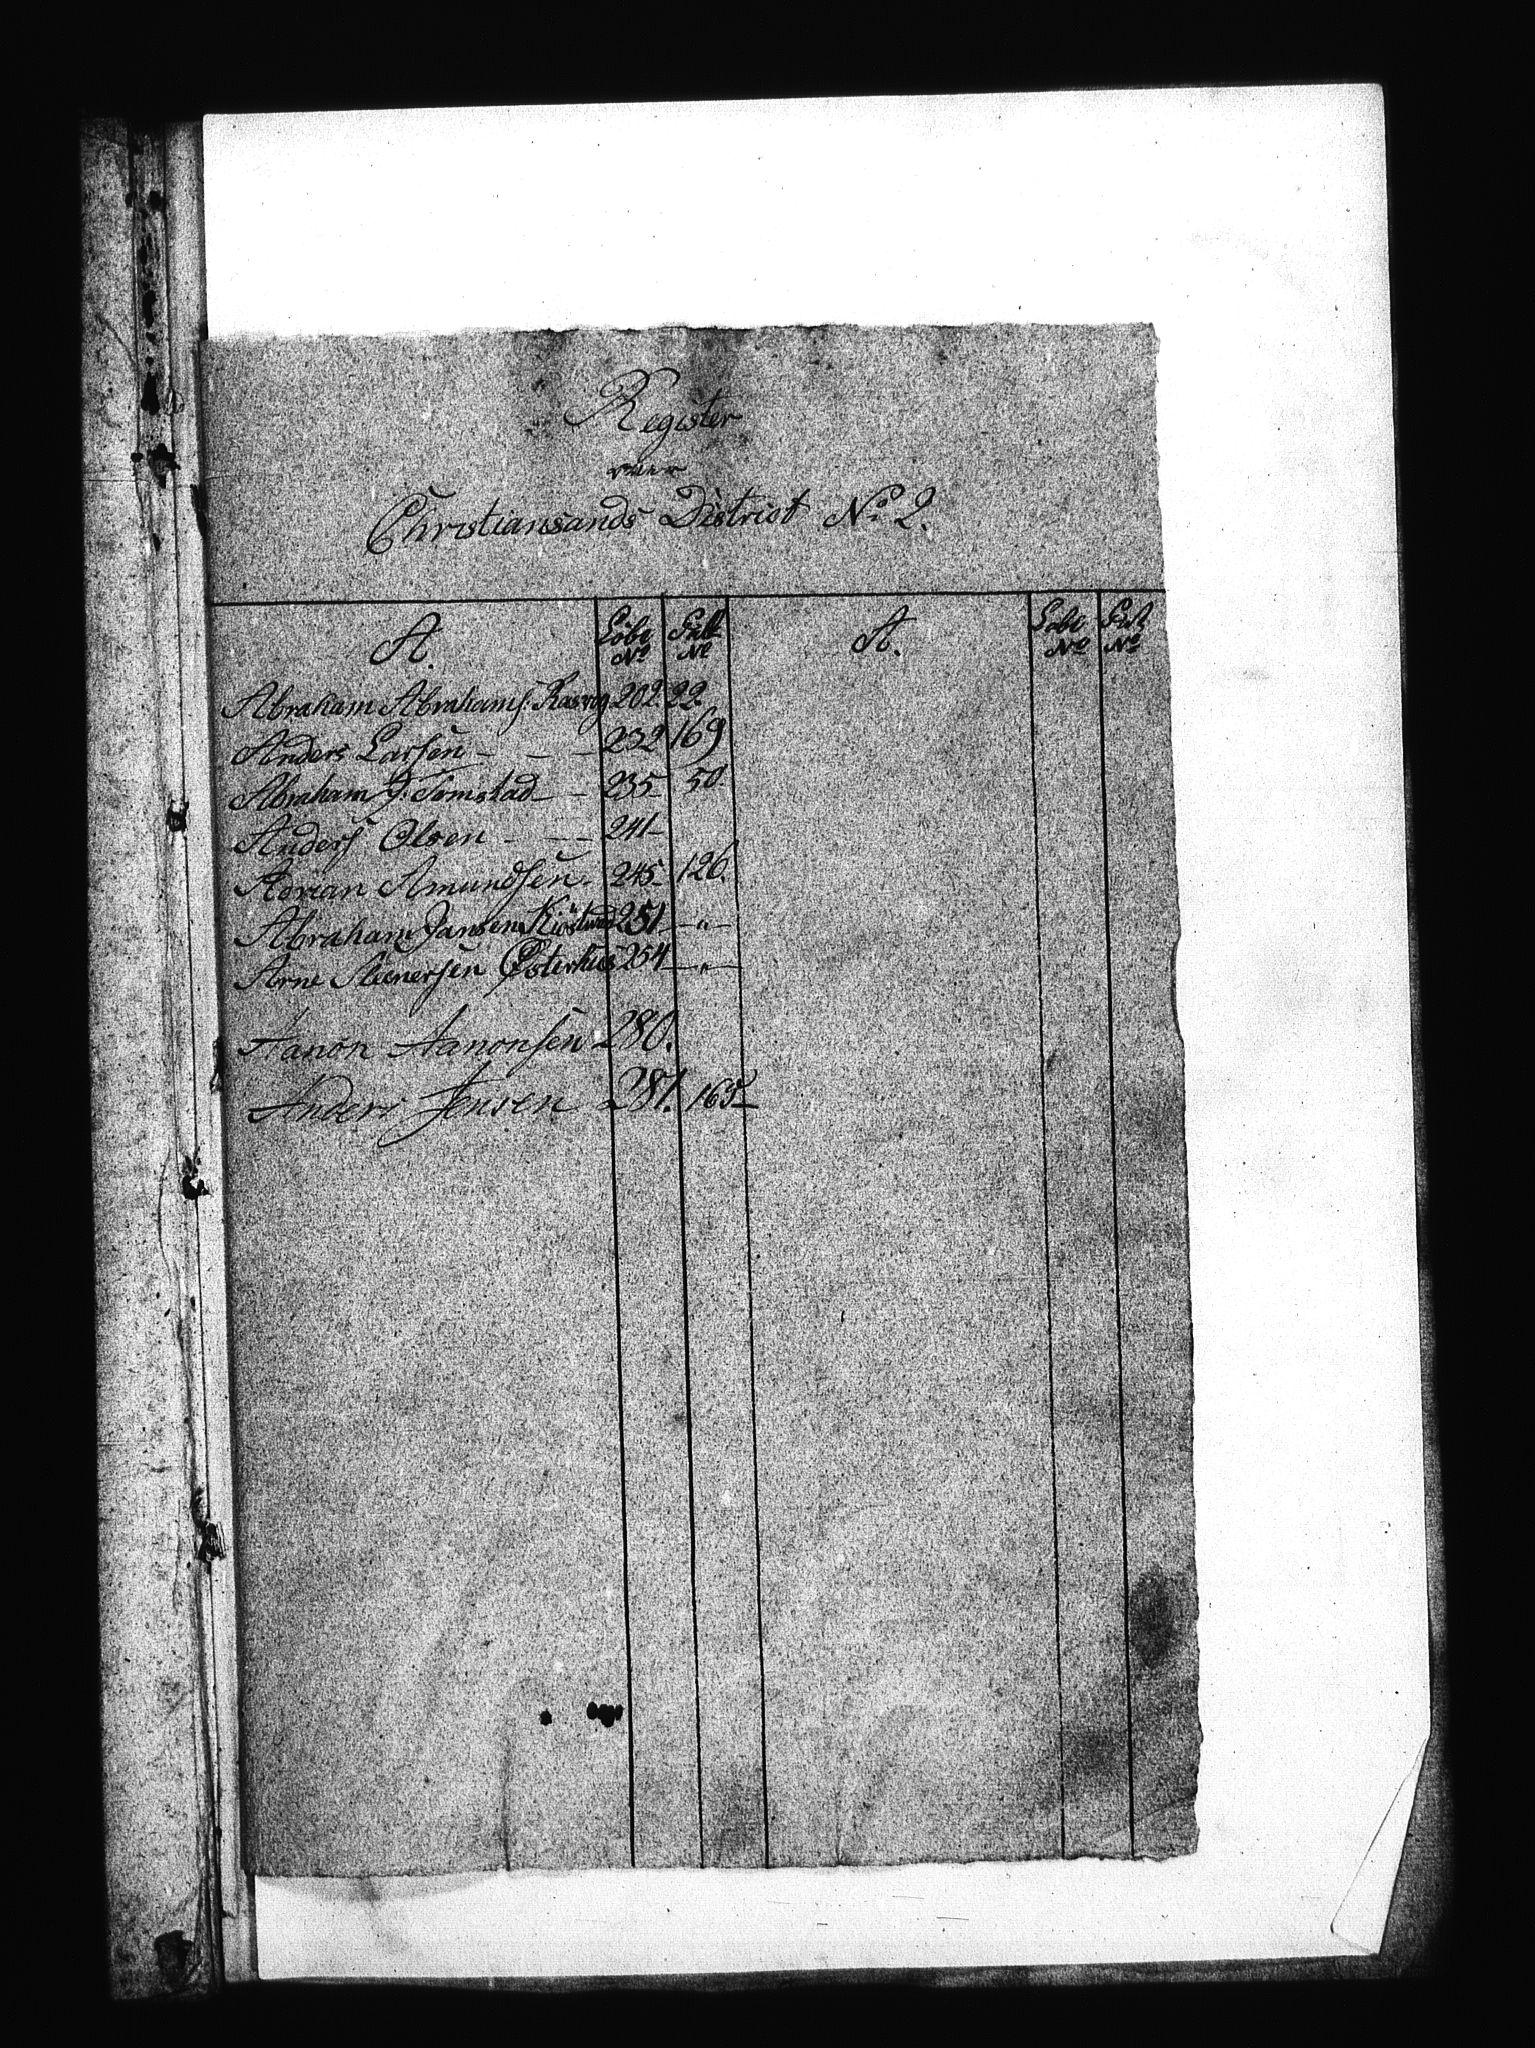 RA, Sjøetaten, F/L0030: Kristiansand distrikt, bind 2, 1797